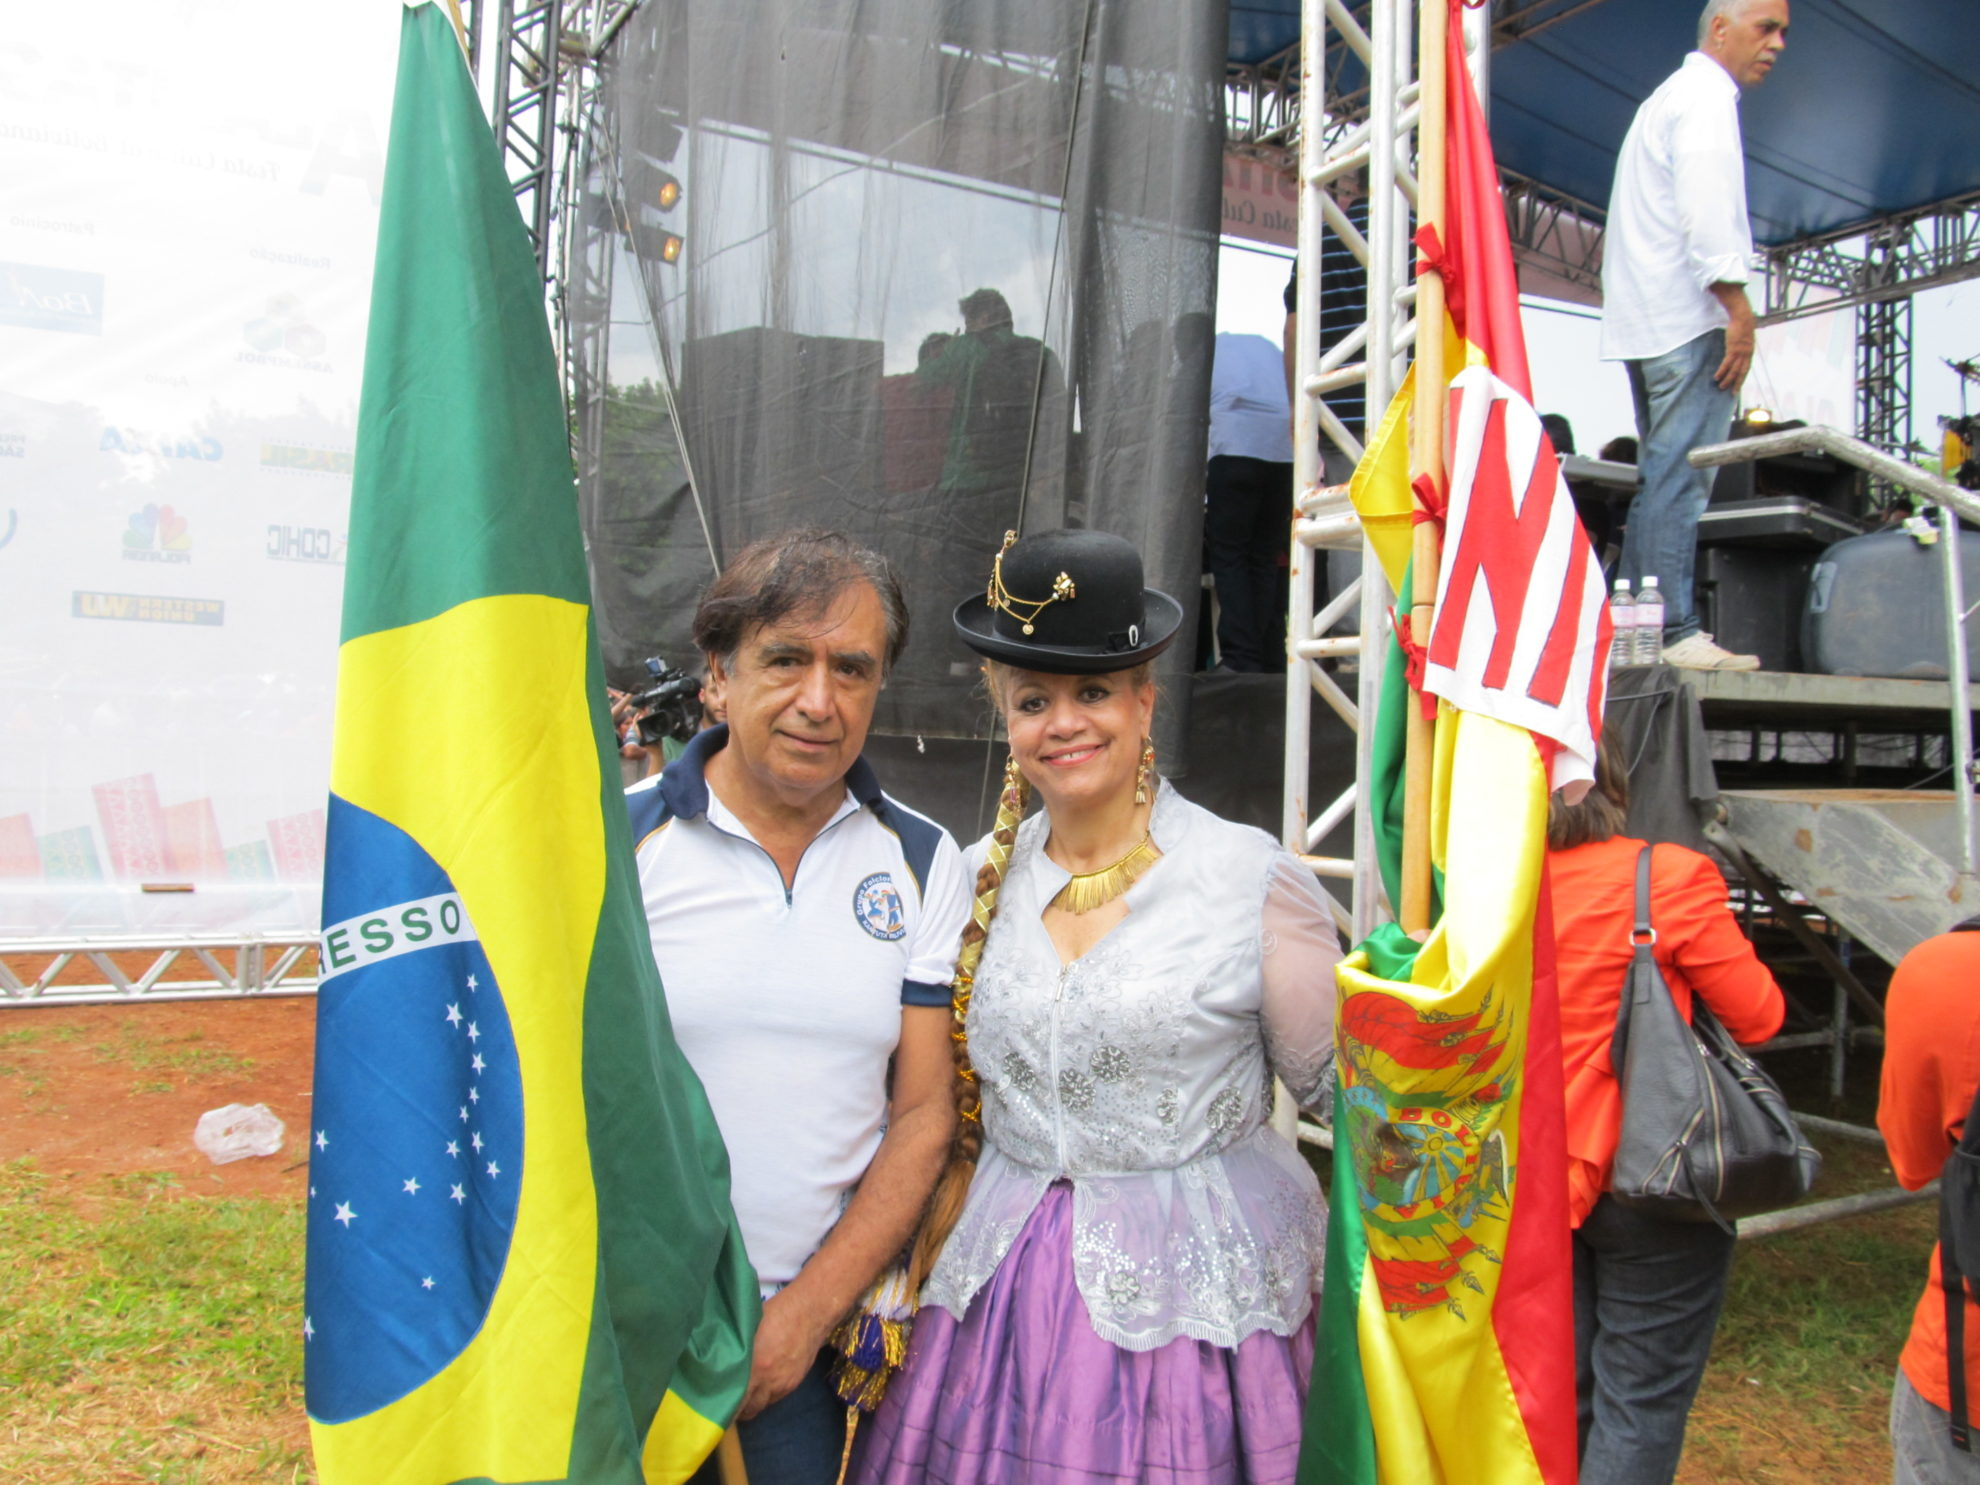 Brasileiros, bolivianos e outras nacionalidades estiveram juntas na Alasitas. Crédito: Rodrigo Borges Delfim